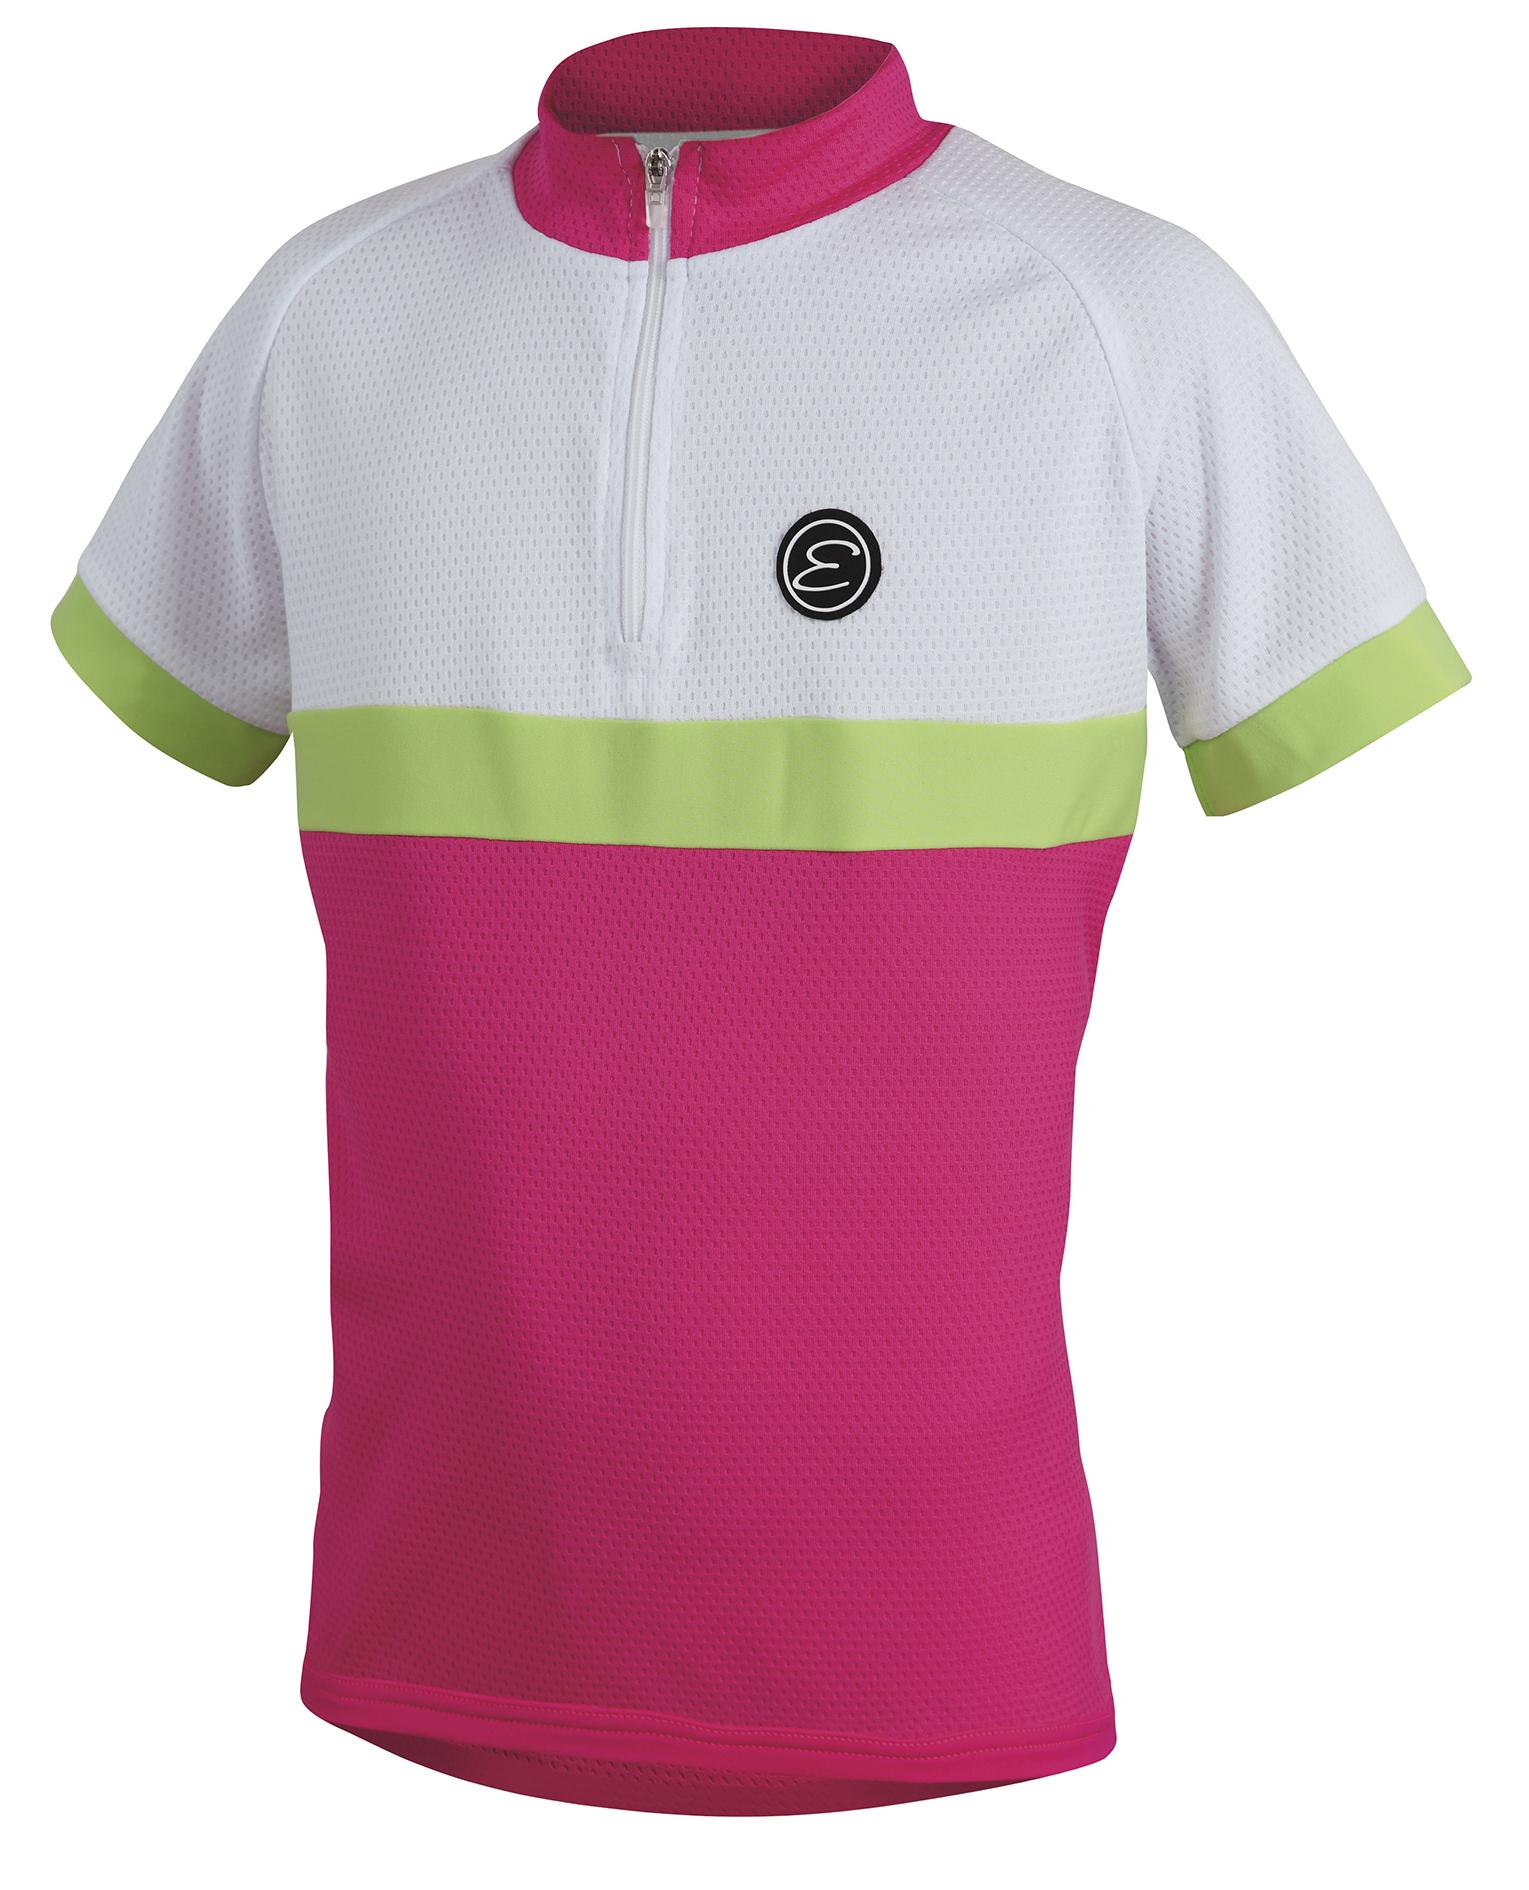 Dětský cyklistický dres ETAPE Bambino, 140/146, růžová/bílá, model 2017 (Dětský dres Etape, přední zip)